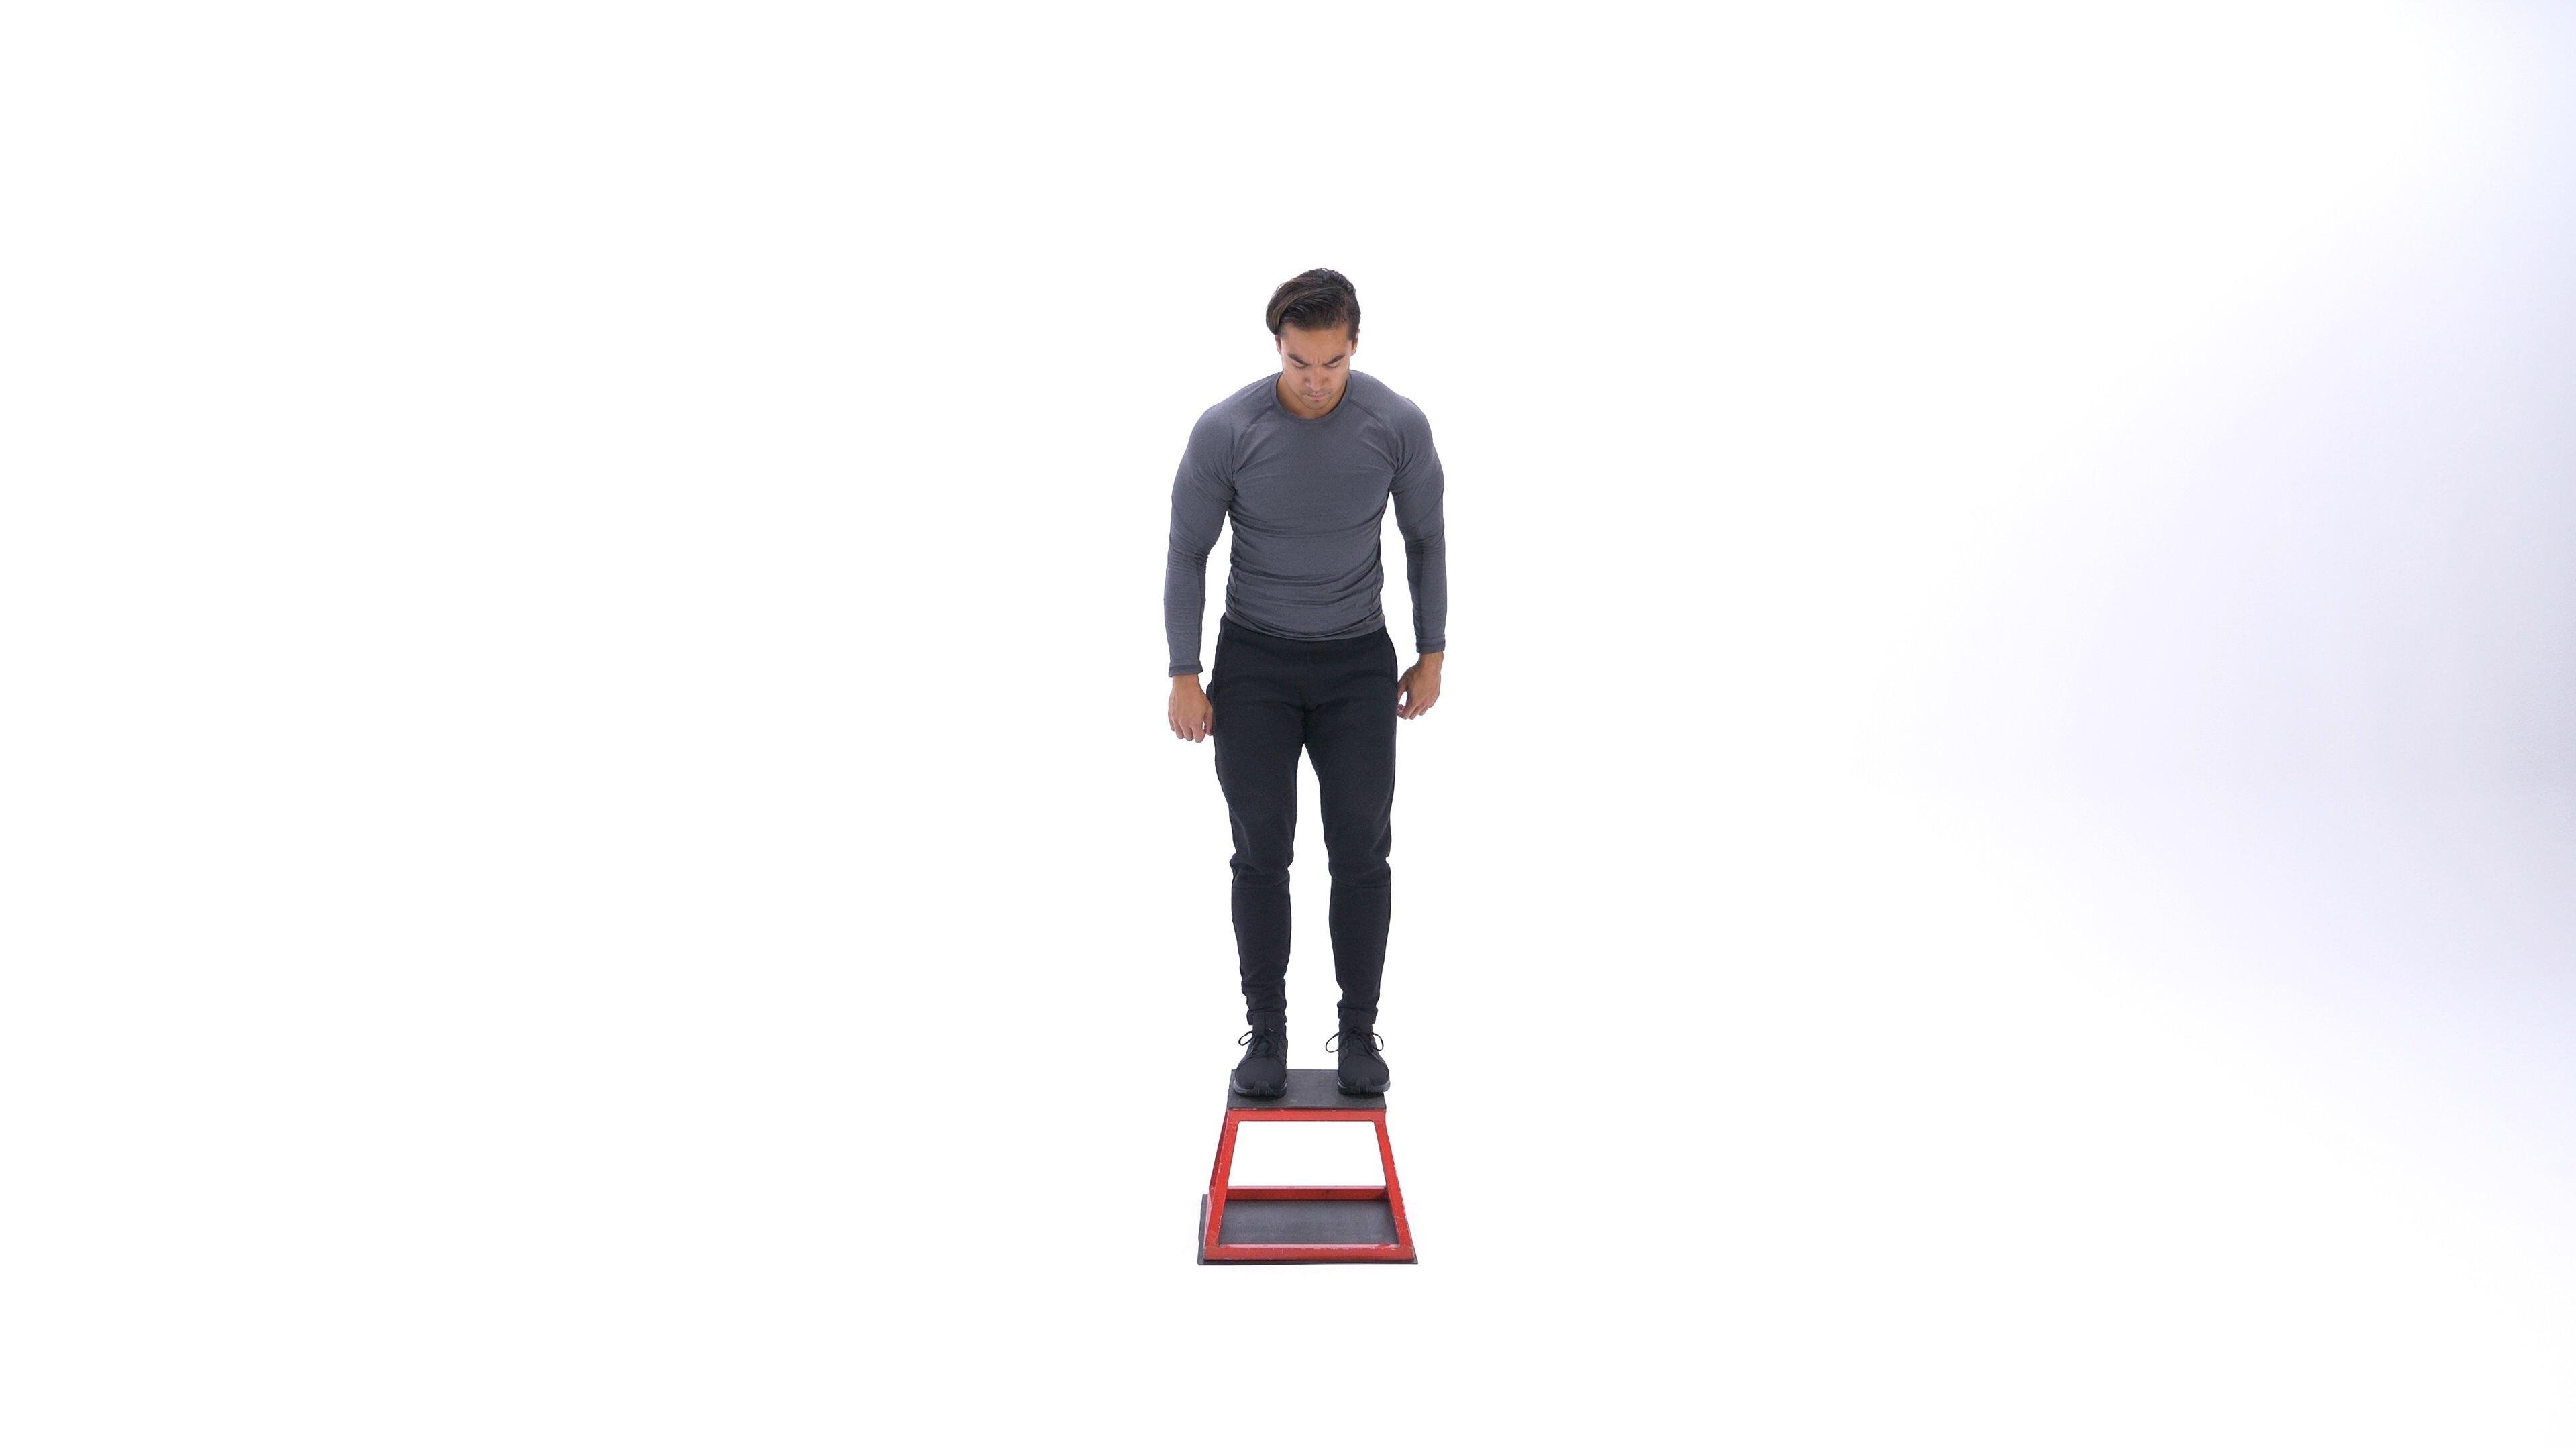 Box jump image